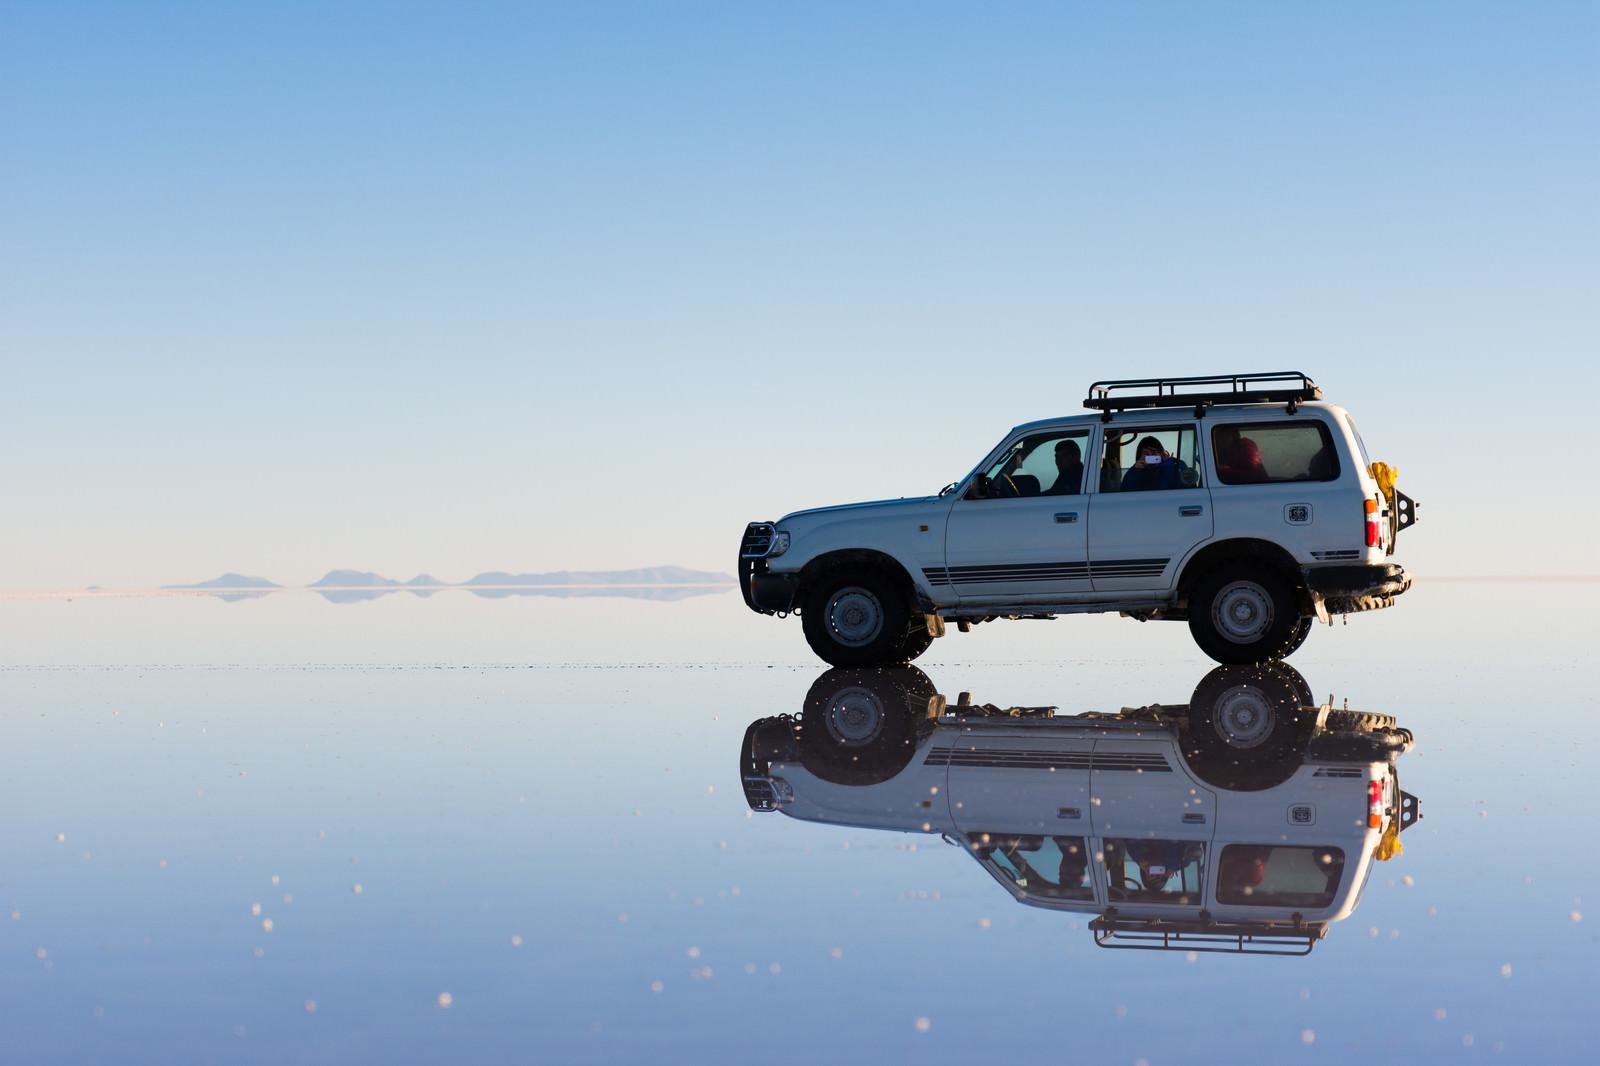 「ウユニ塩湖上と車両ウユニ塩湖上と車両」のフリー写真素材を拡大